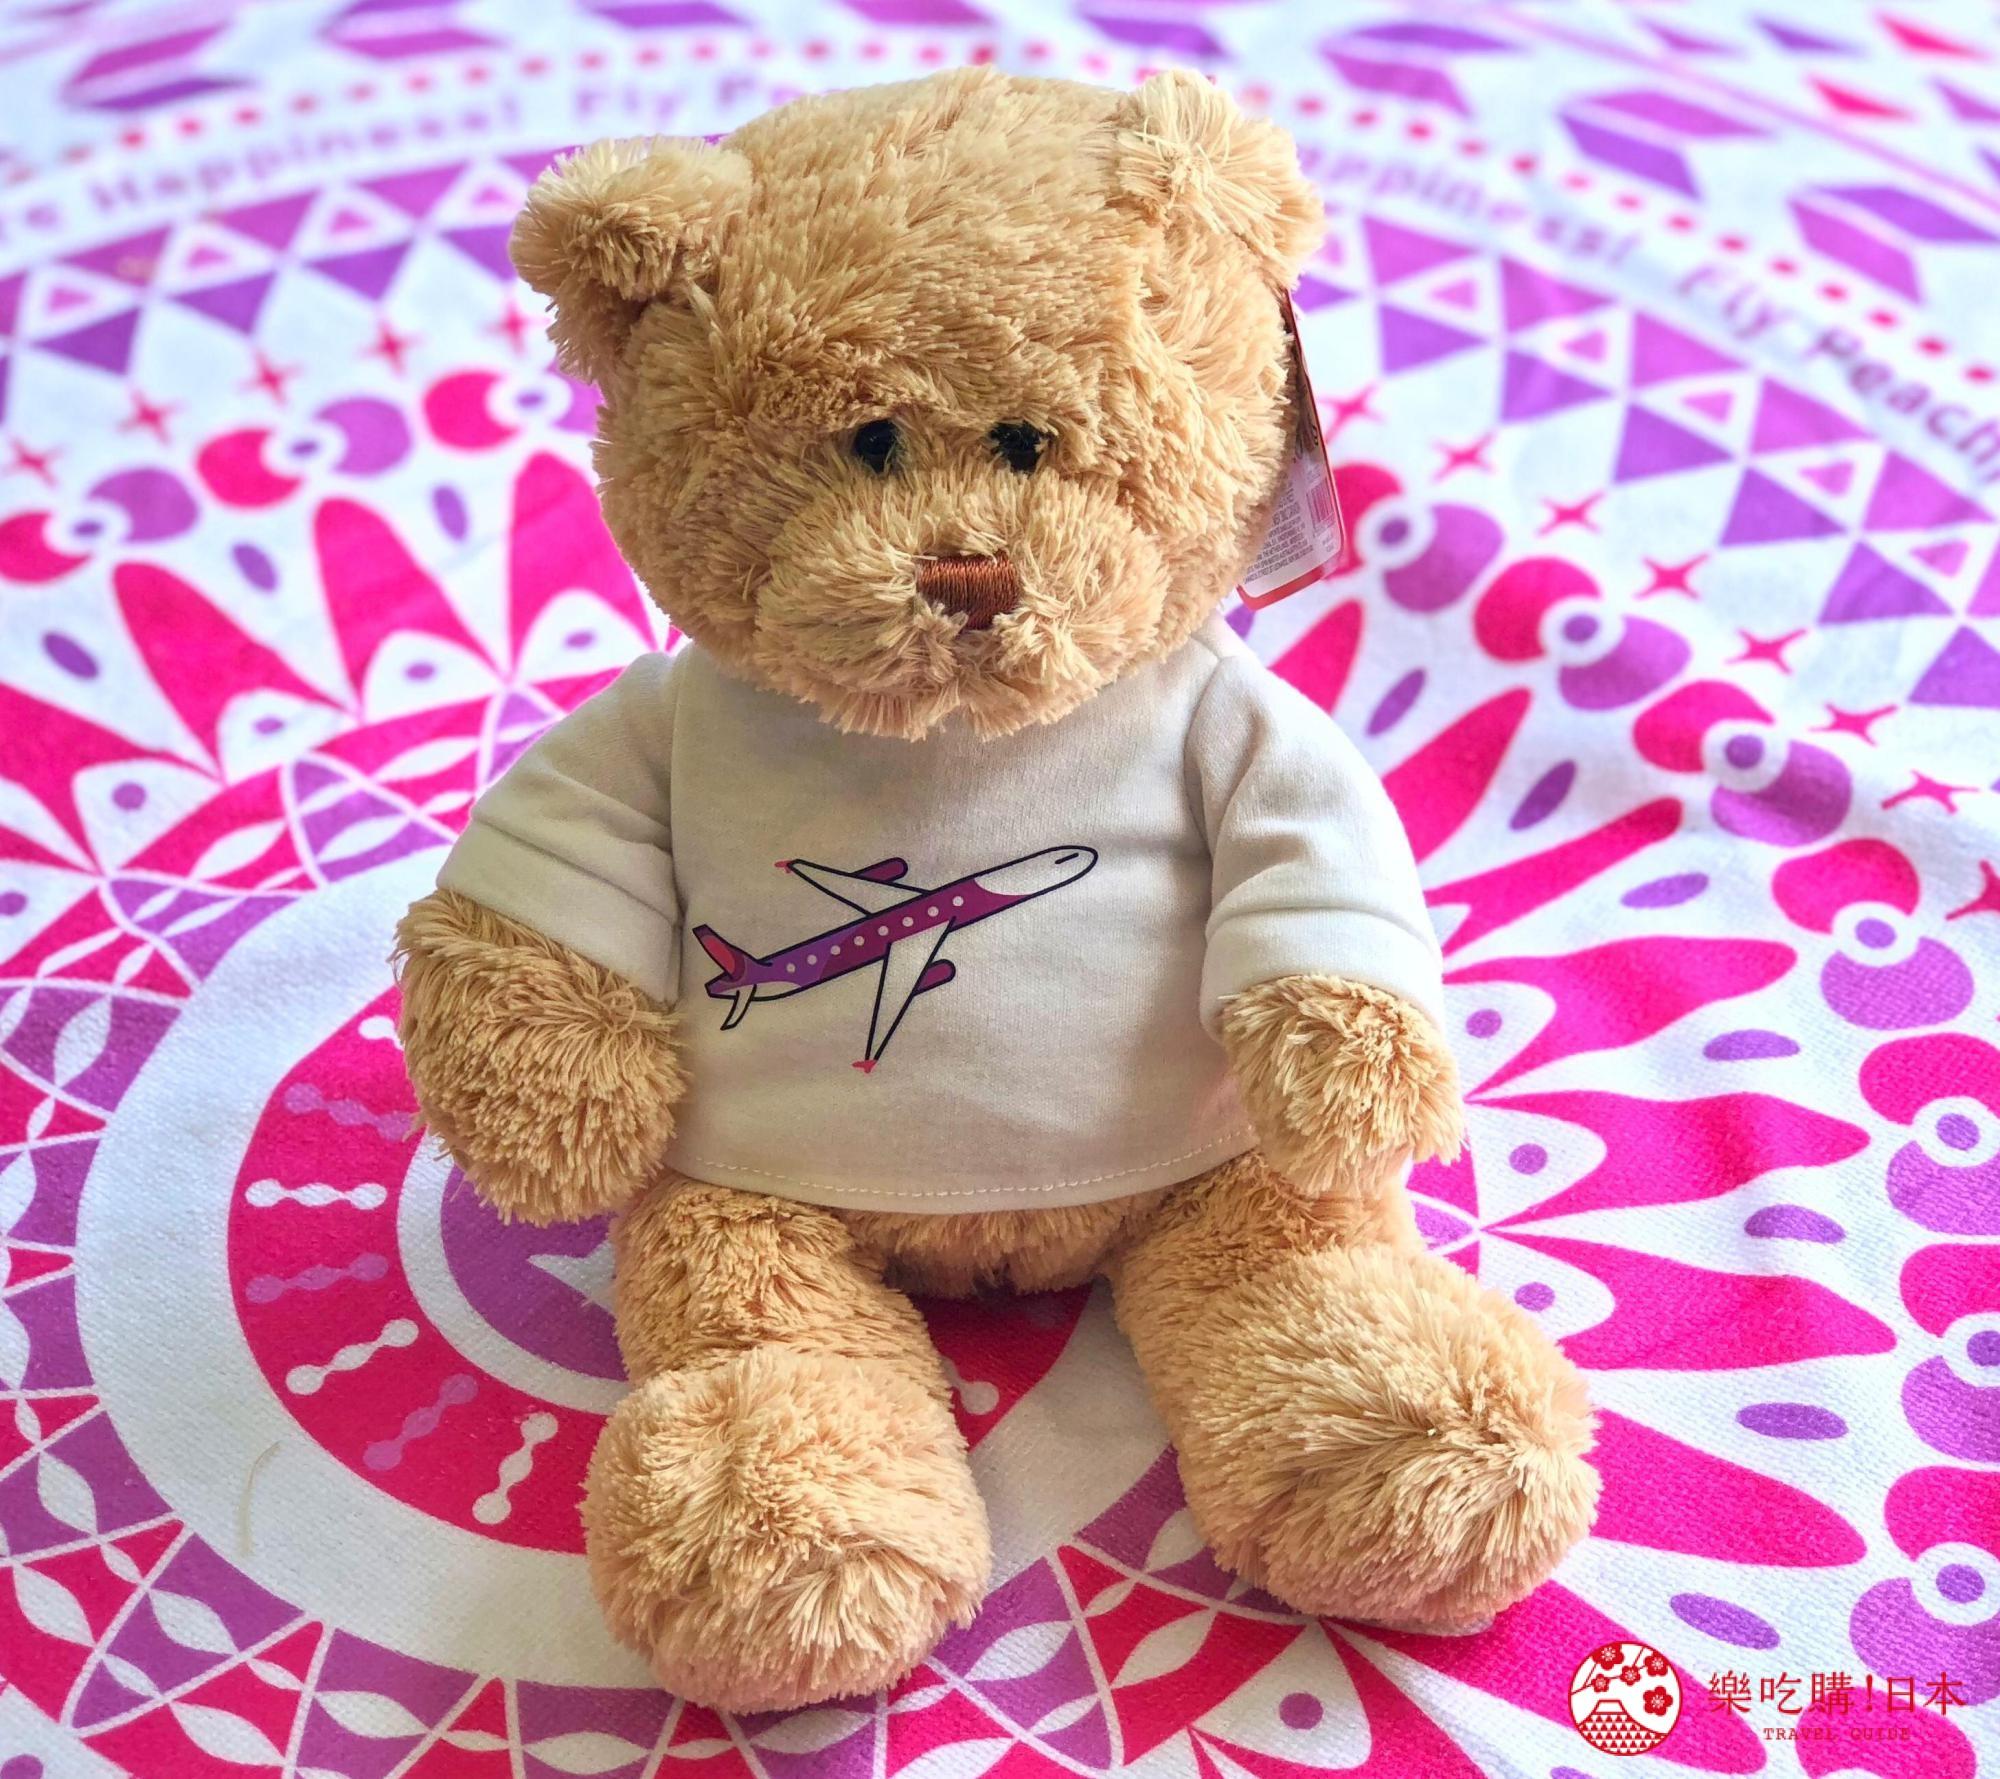 日本樂桃人氣原創設計商品的Peach X GUND 原創設計 T-shirt 泰迪熊(棕色/米色)照片